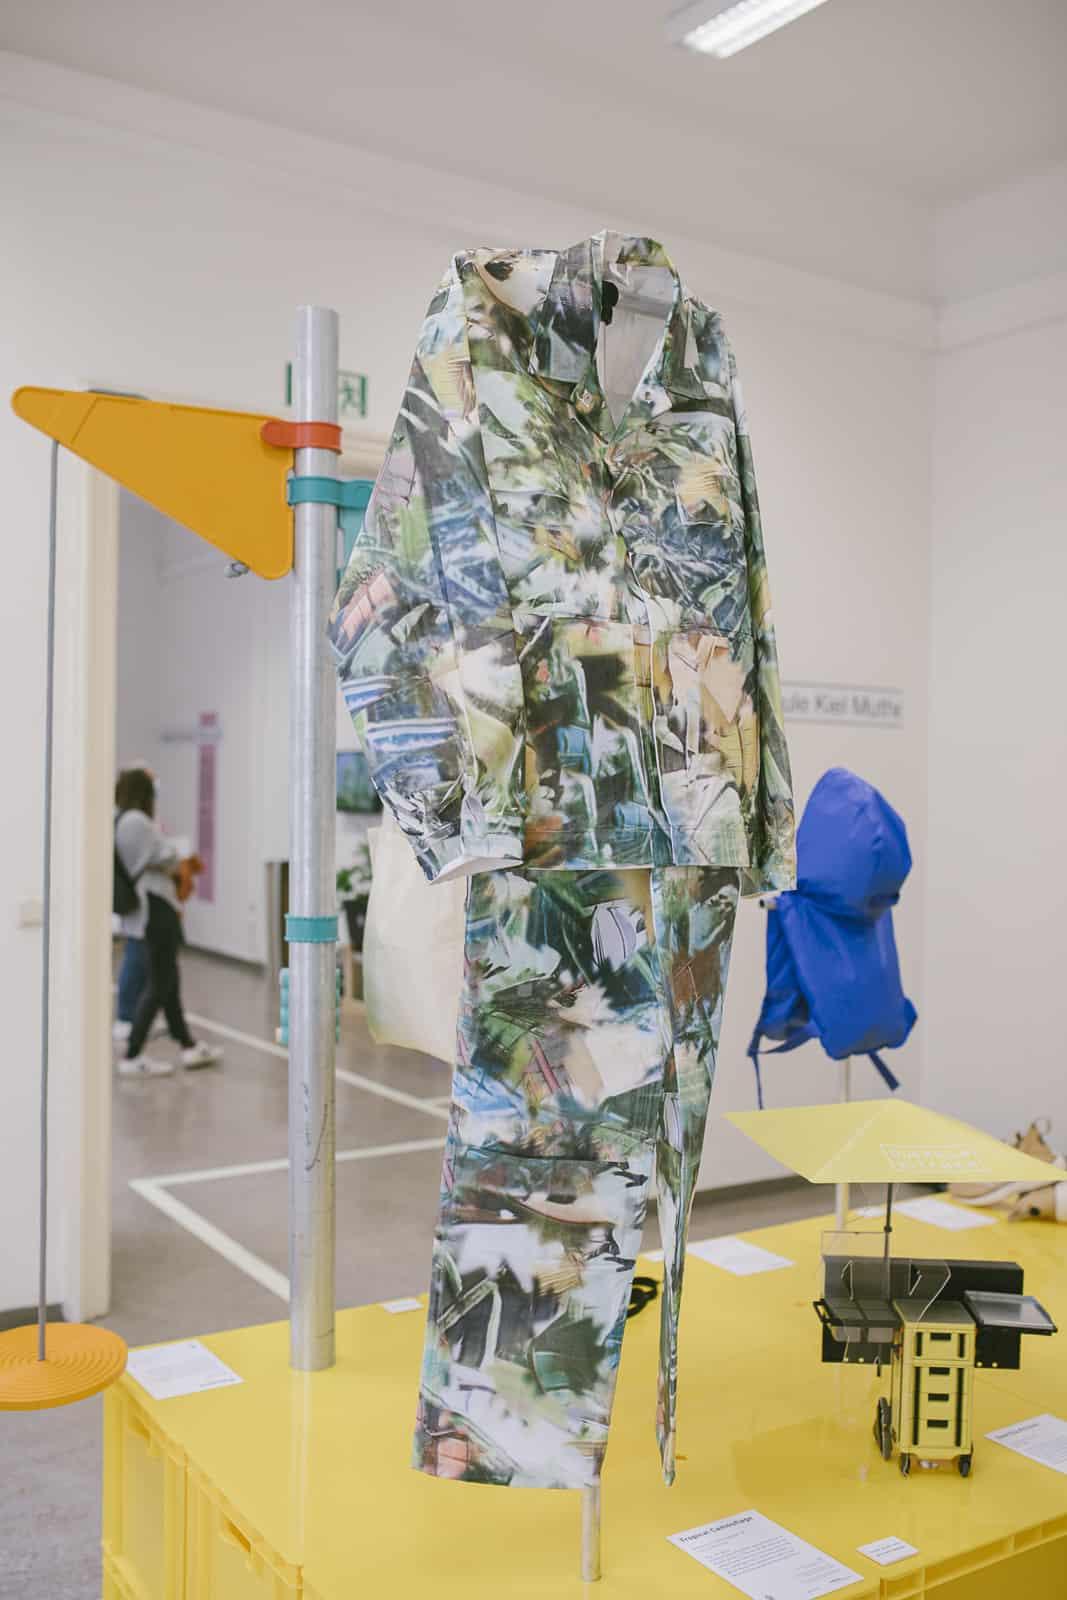 Muthesius Kunsthochschule Kiel - HAUS BY THE SEA – VIENNA 2020 (Copyright VIENNA DESIGN WEEK - Niko Havranek - Kollektiv Fischka, Vienna Design Week)